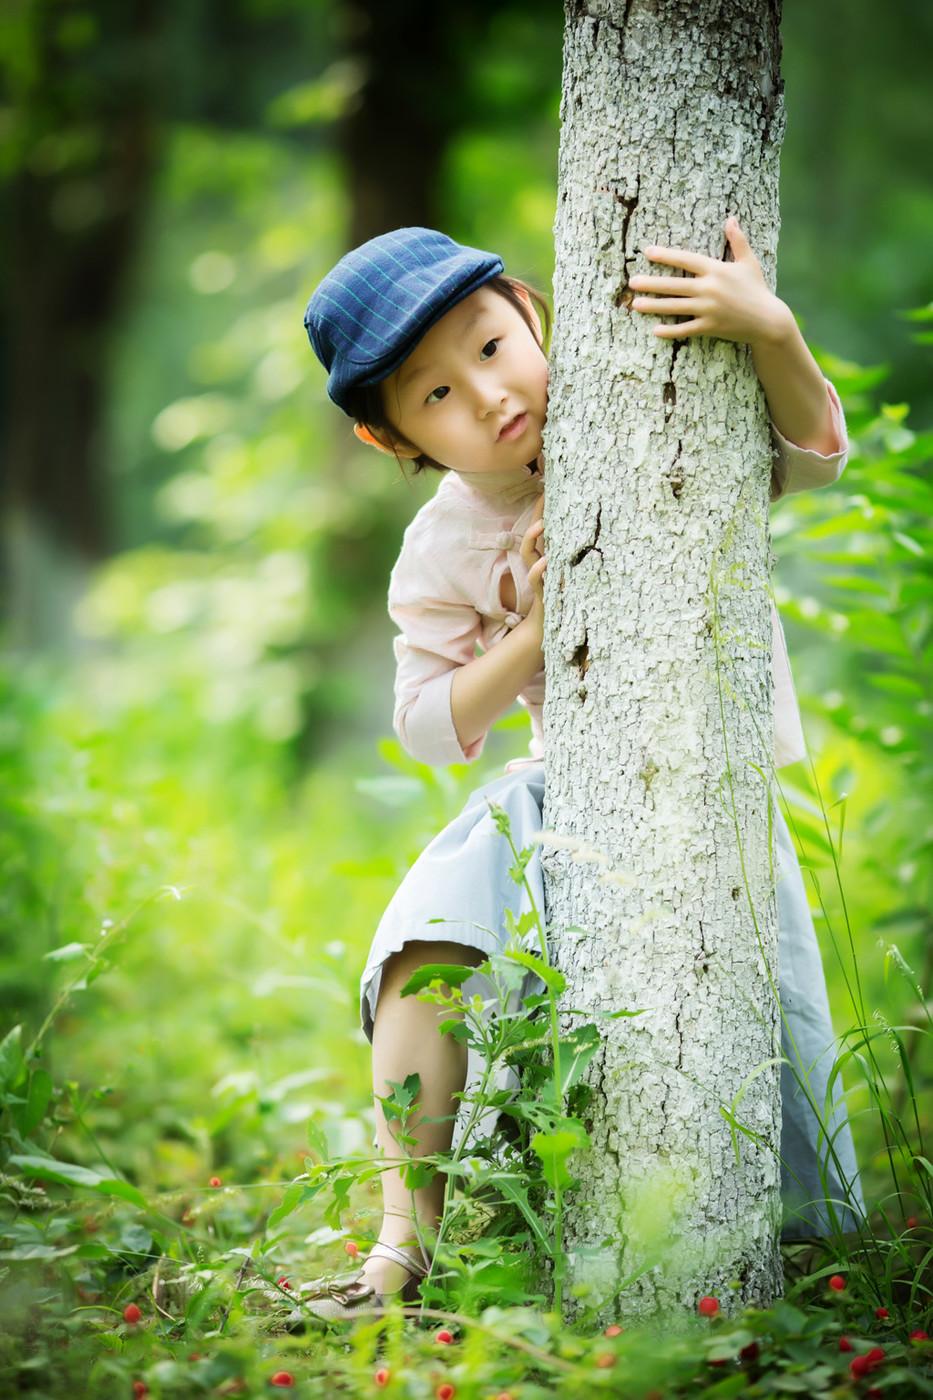 盛夏时节-带孩子们拍起来10